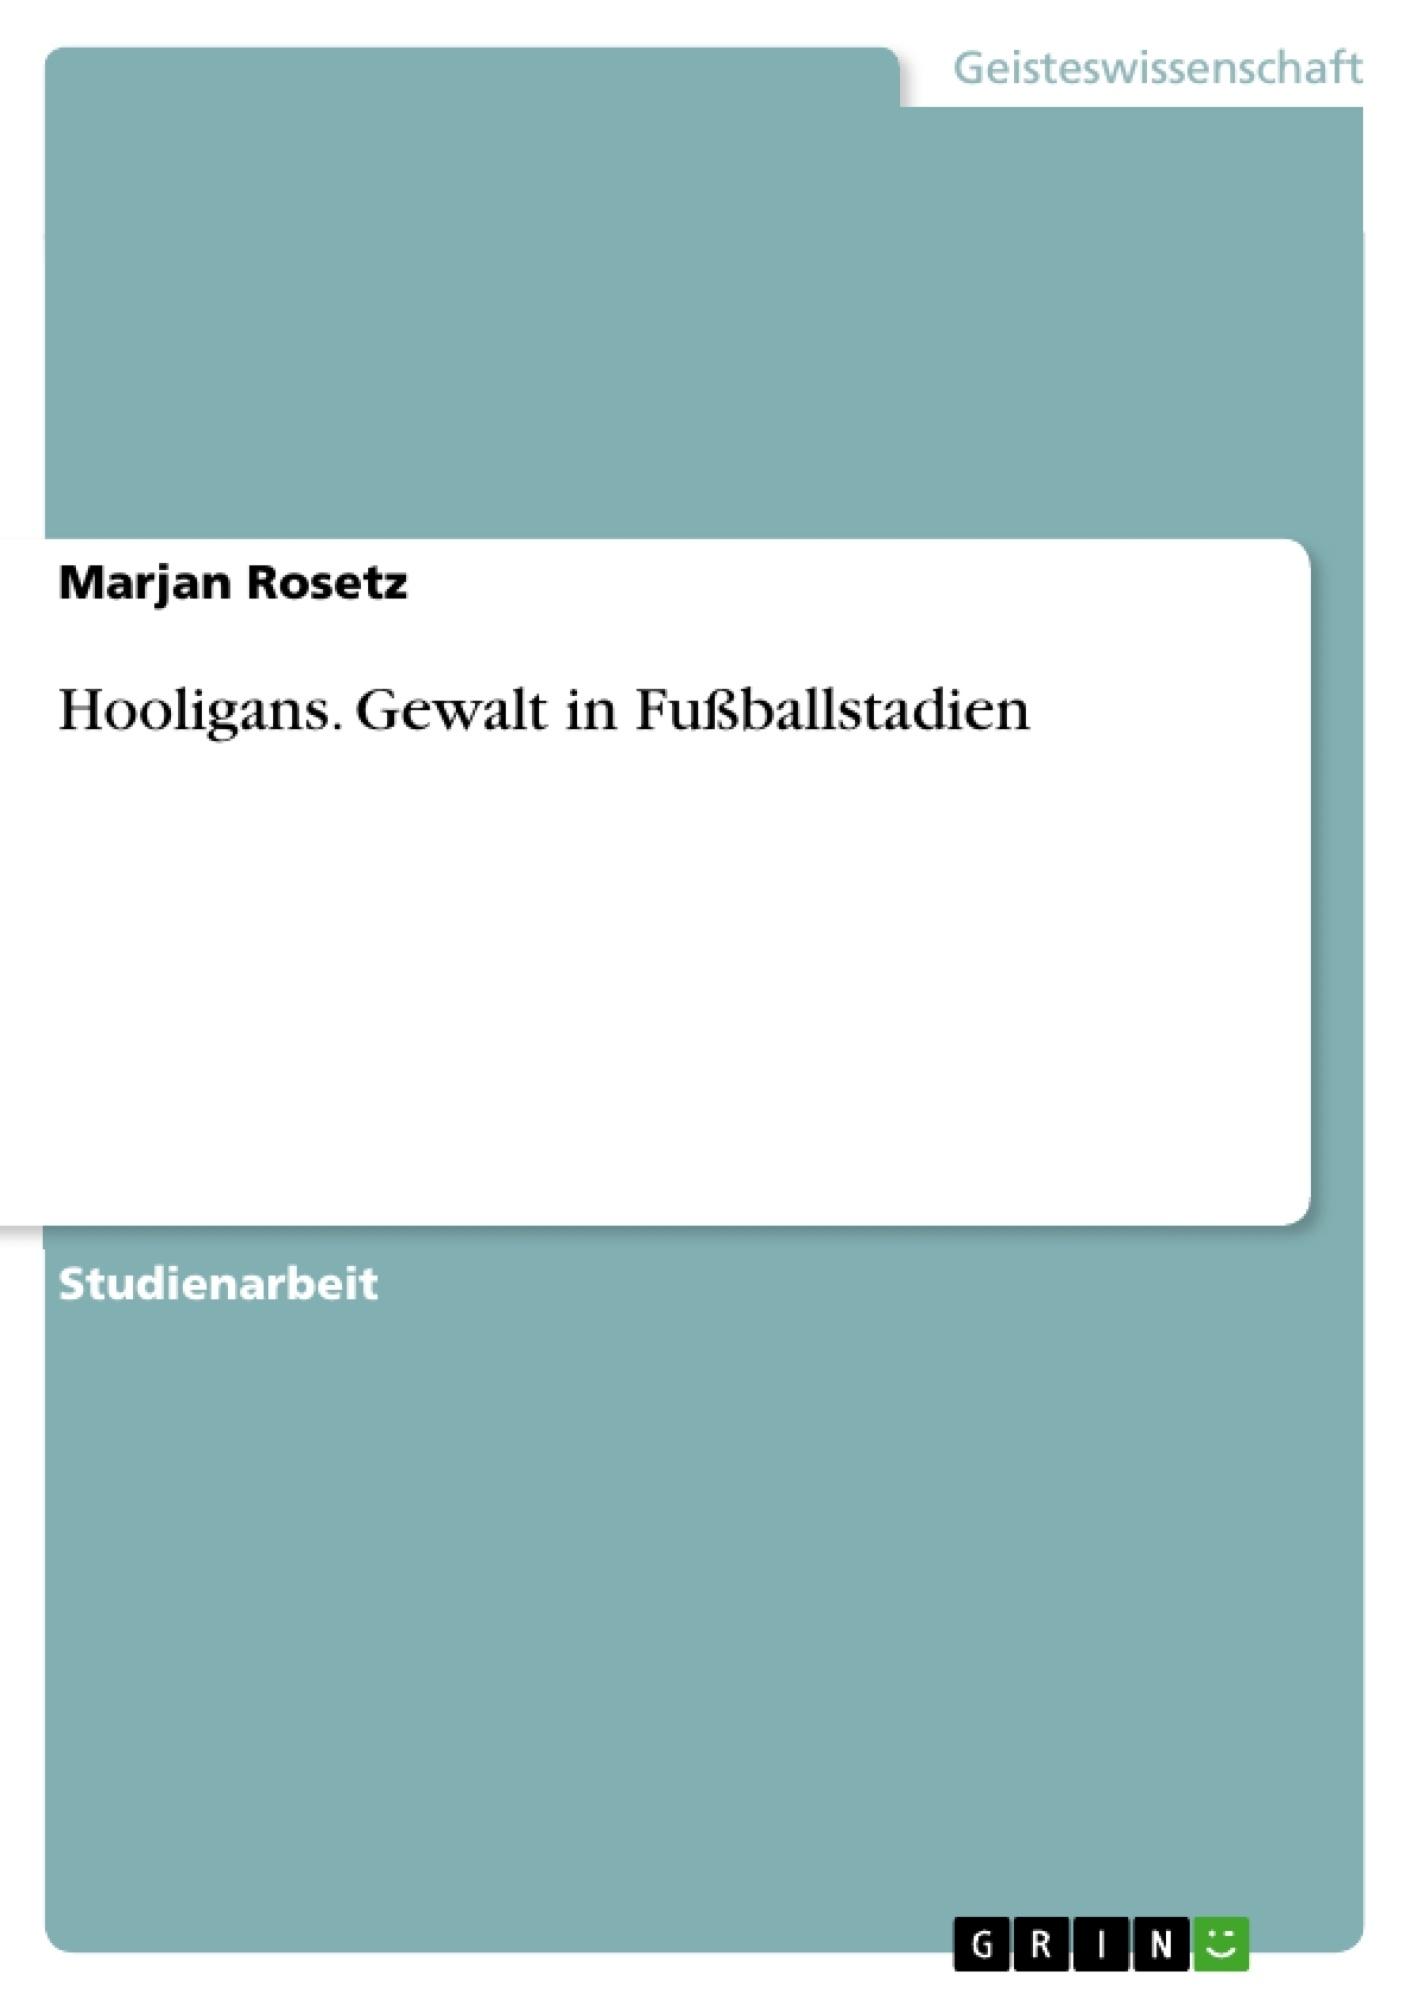 Titel: Hooligans. Gewalt in Fußballstadien